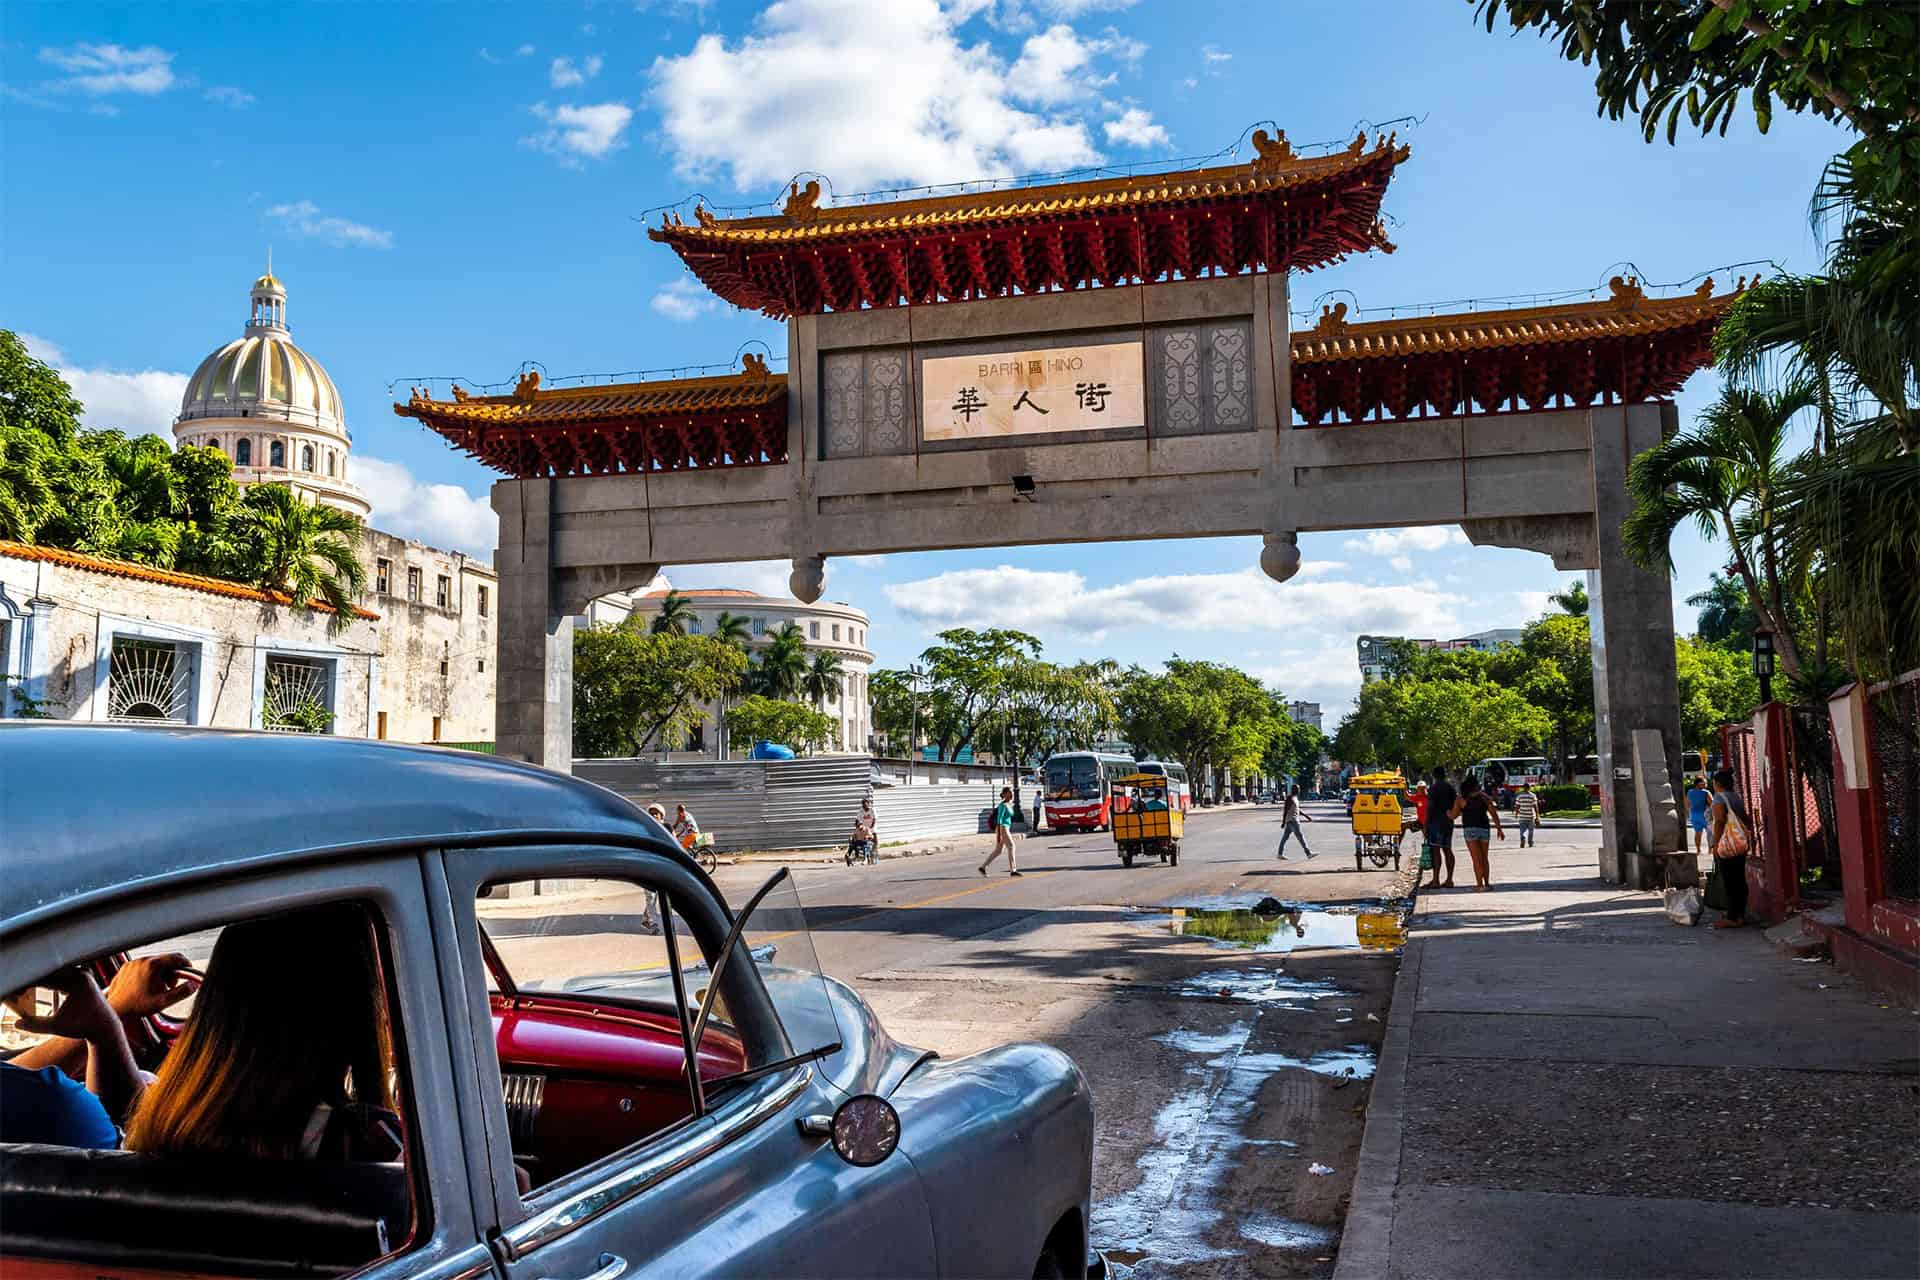 la havane barrio chino cuba autrement